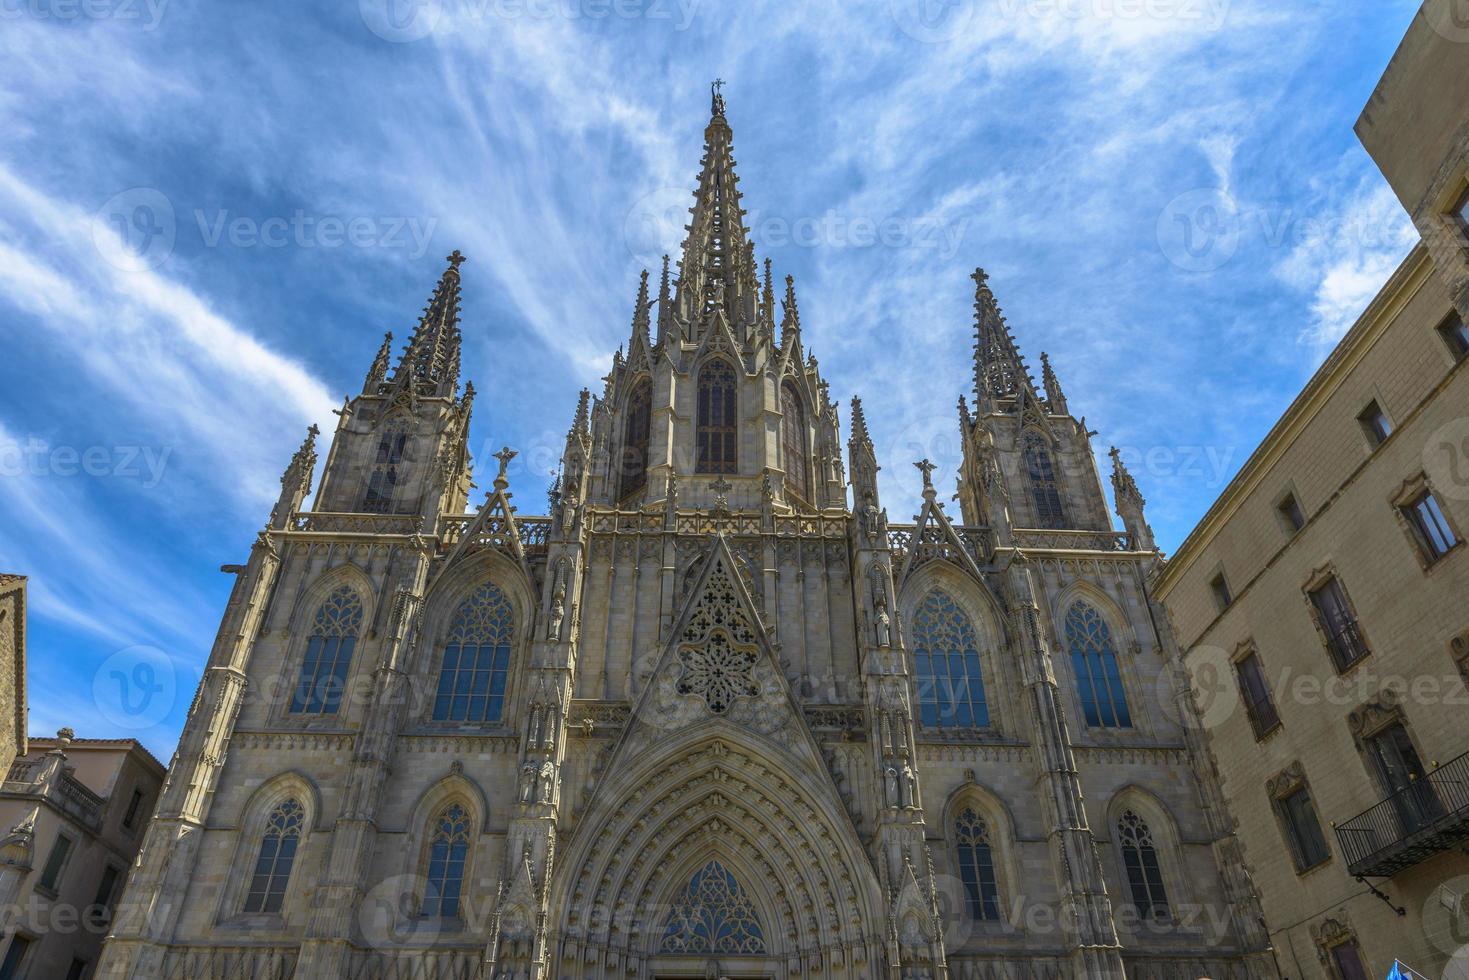 catedral em barcelona, espanha foto